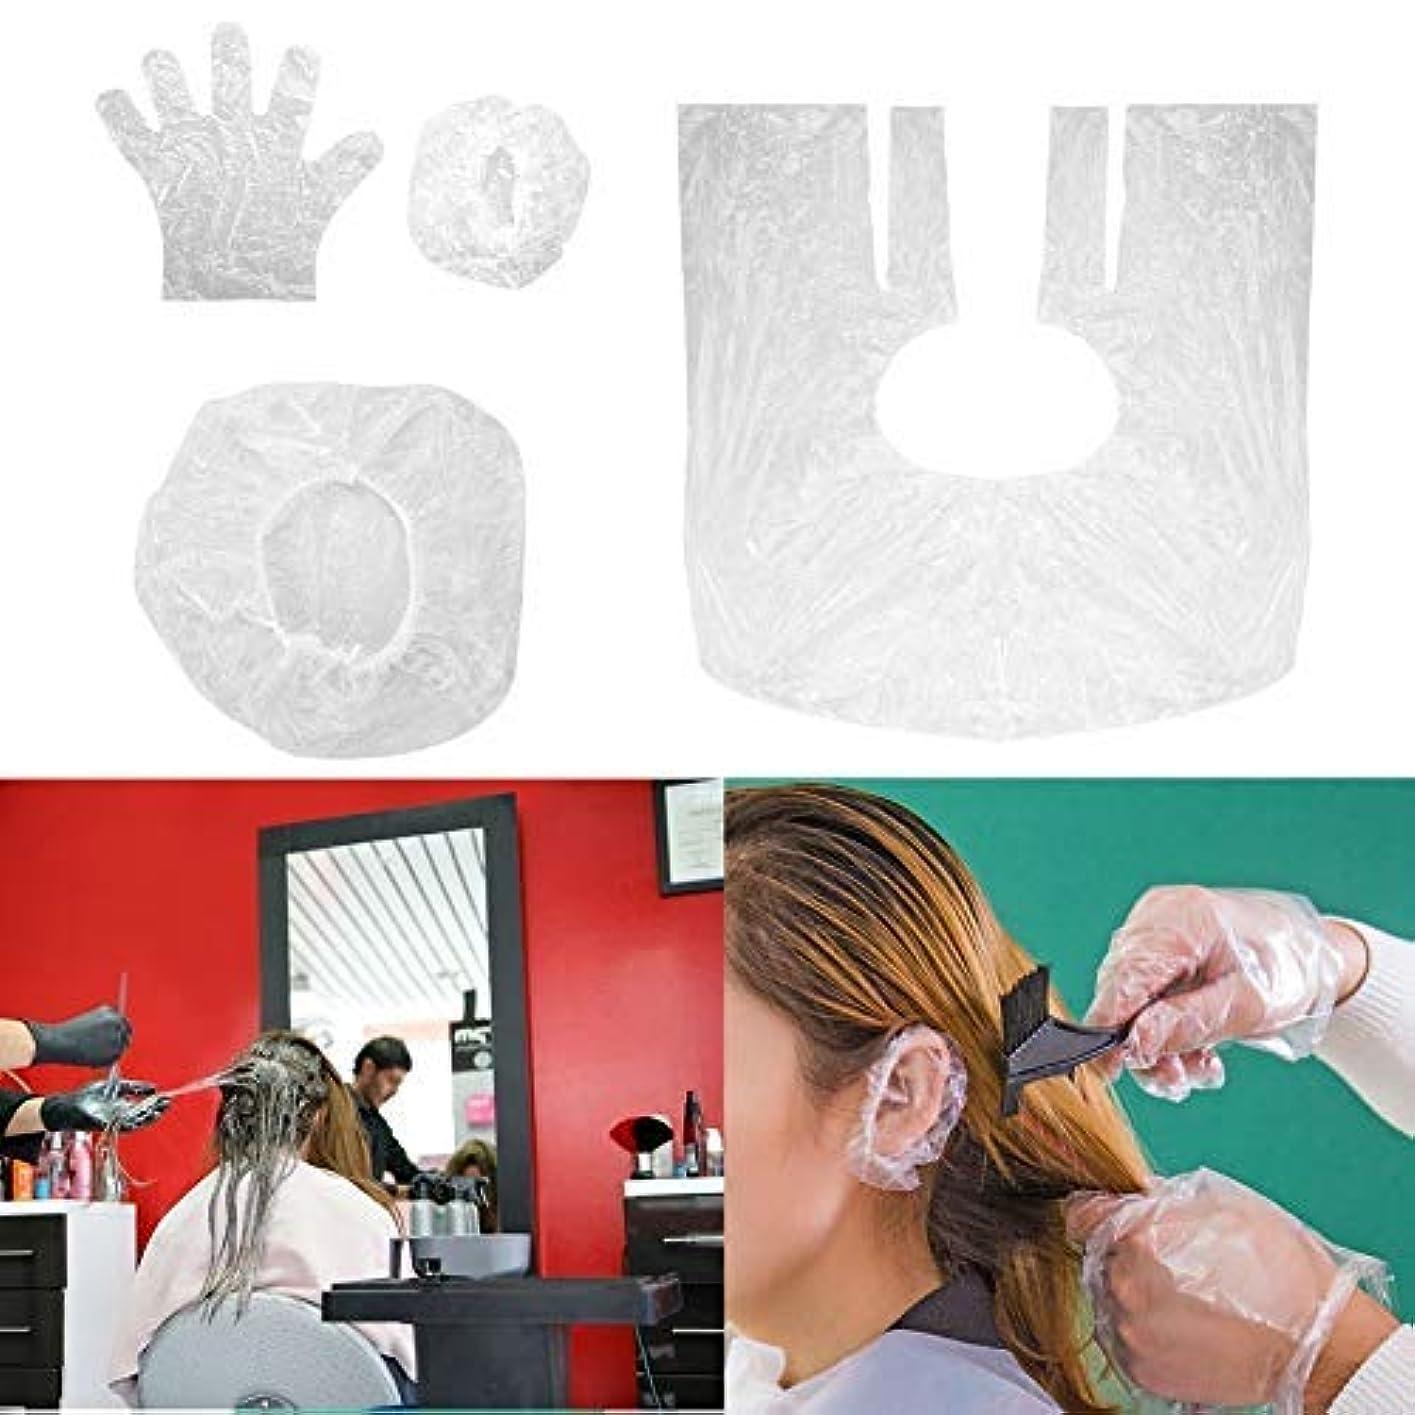 ビン実現可能マングル毛染め用 髪染め シャワーキャップ サロン 耳キャップ シャワーキャップ 手袋 使い捨て 10点セット